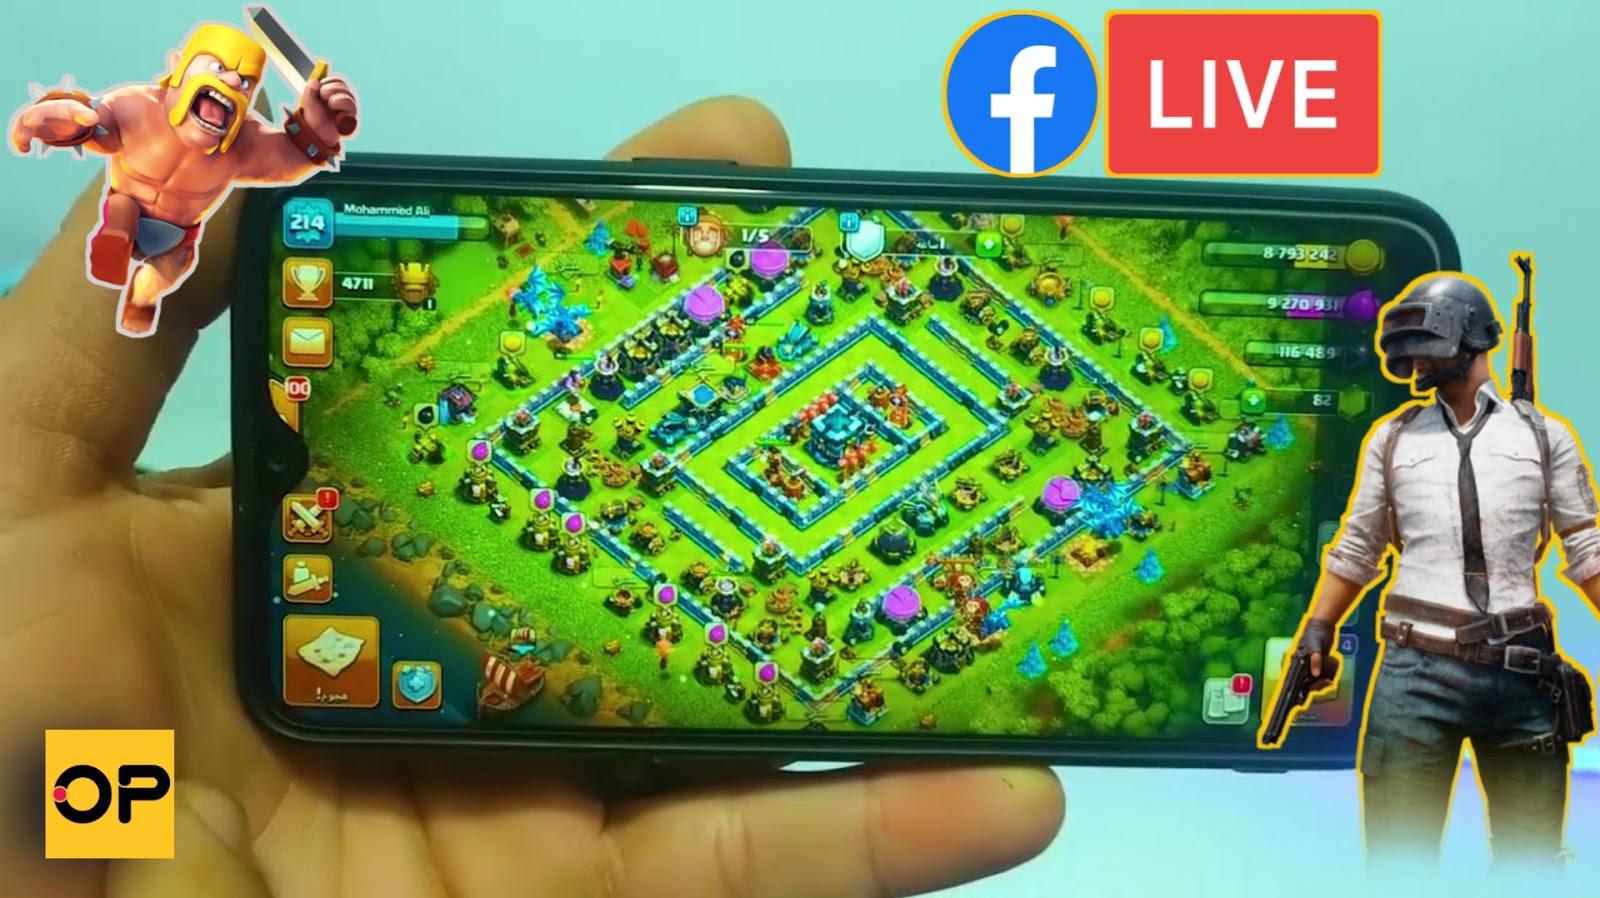 افضل تطبيق لعمل بث مباشر للالعاب على الفيس بوك - Live broadcast of games on Facebook